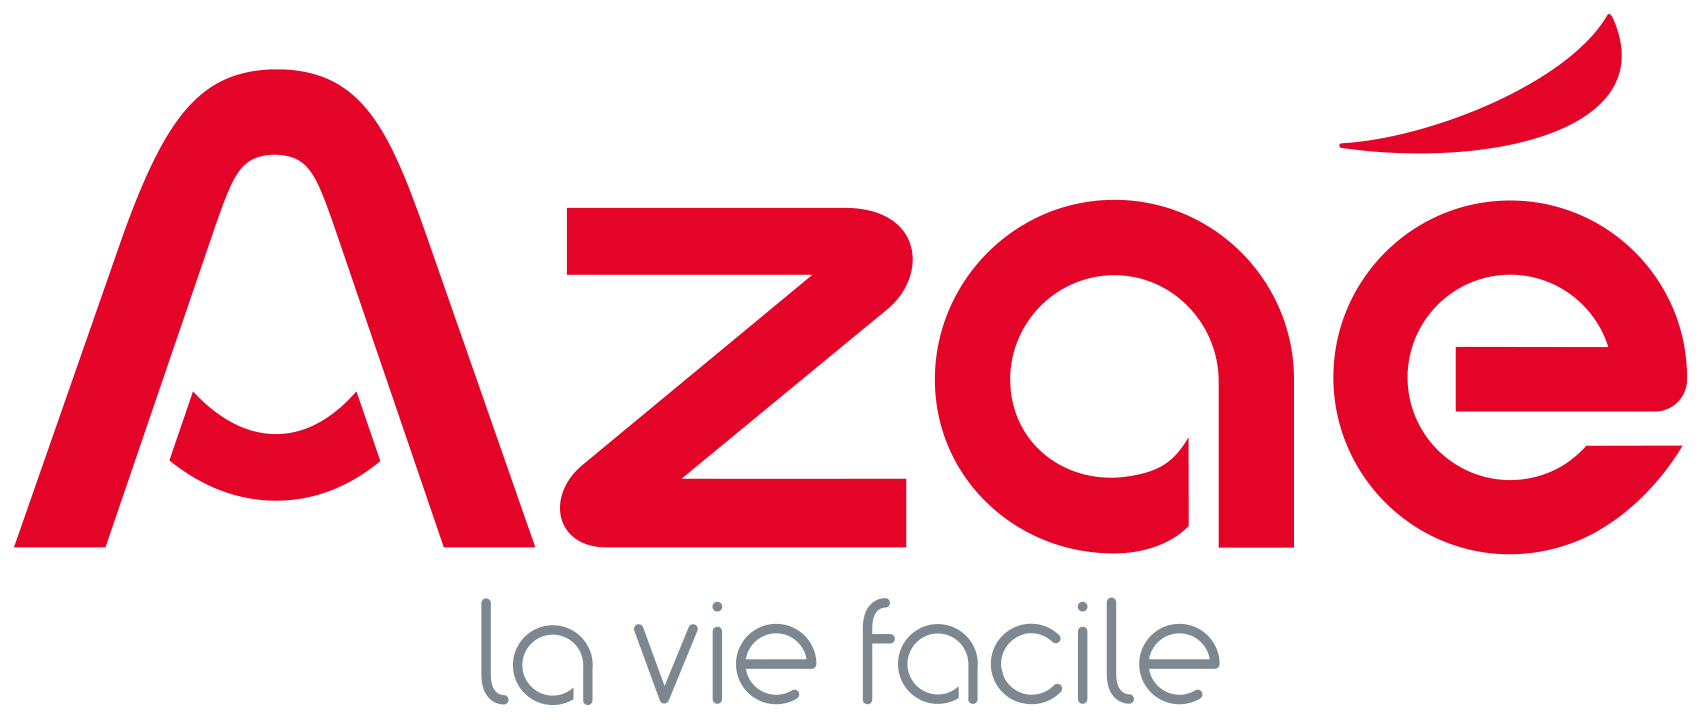 Azaé Montpellier - Aide à domicile et femme de ménage services, aide à domicile